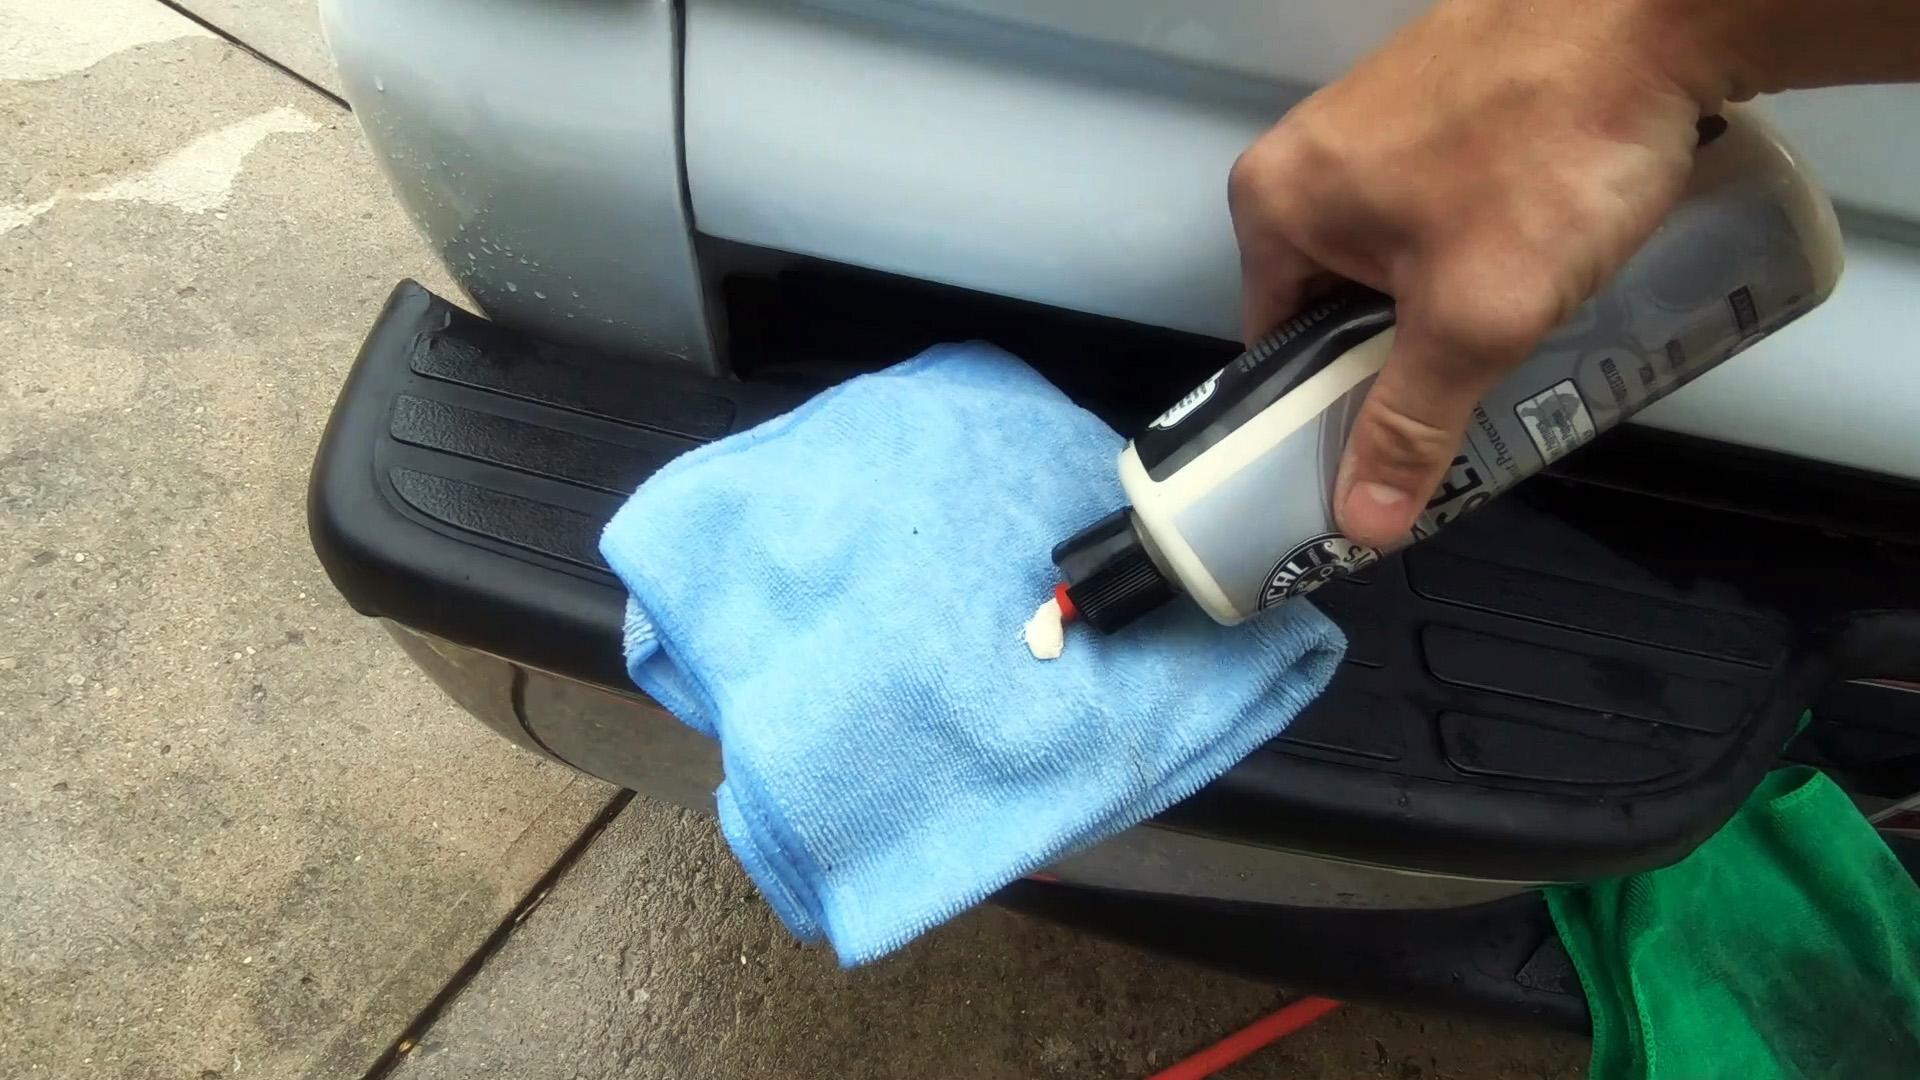 1 лучшее средство для удаления битума с кузова машины, которое всегда под рукой